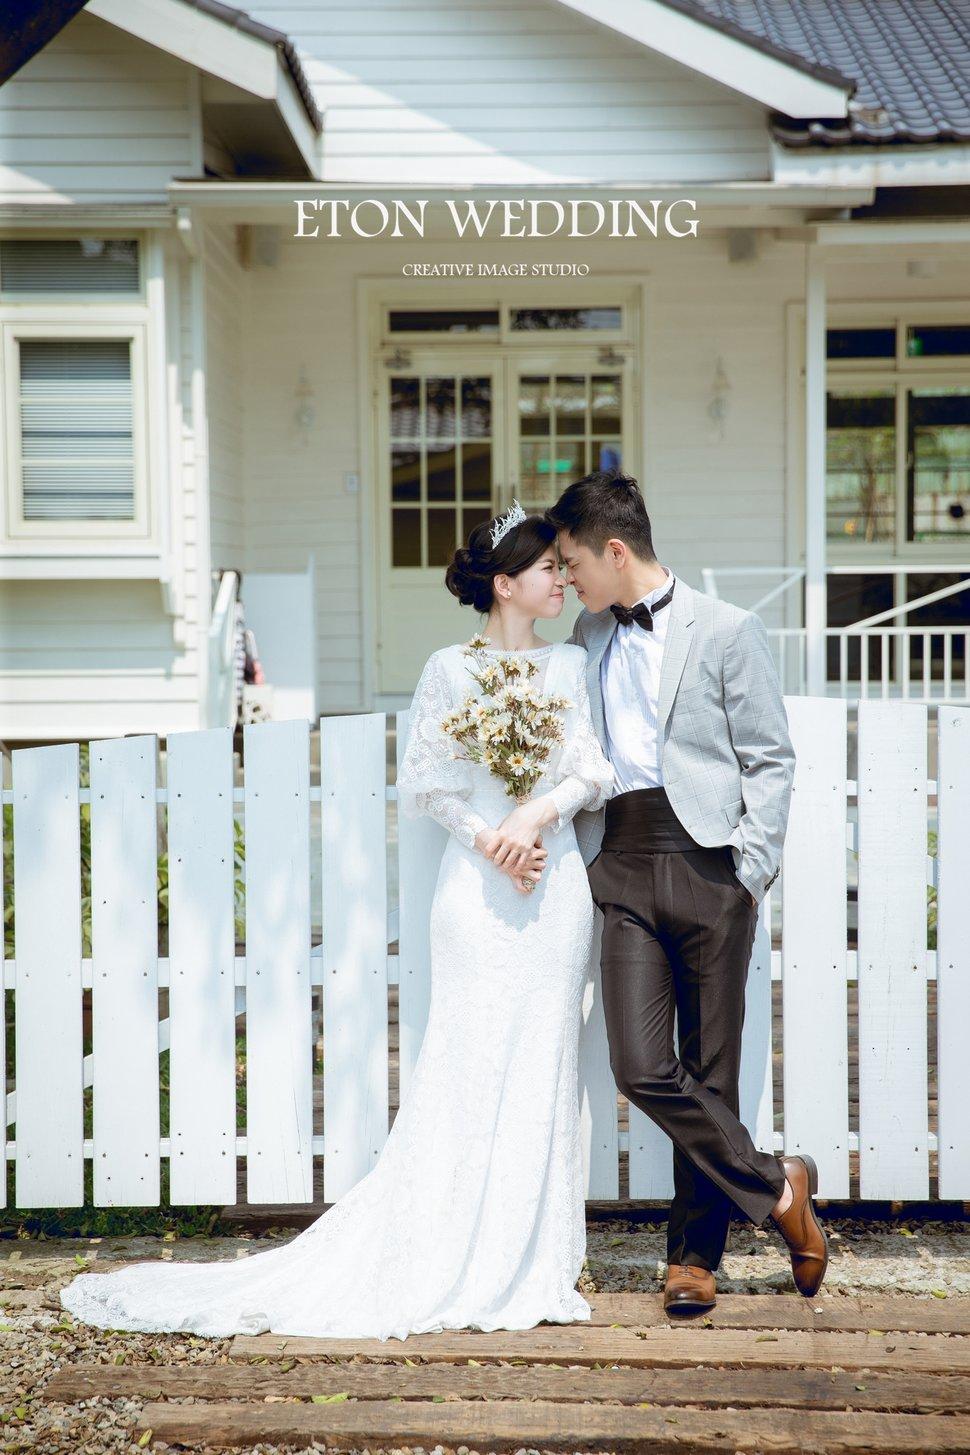 伊頓自助婚紗,台北婚紗 (3) - 伊頓自助婚紗 ▌台北高雄板橋桃園新竹台南《結婚吧》